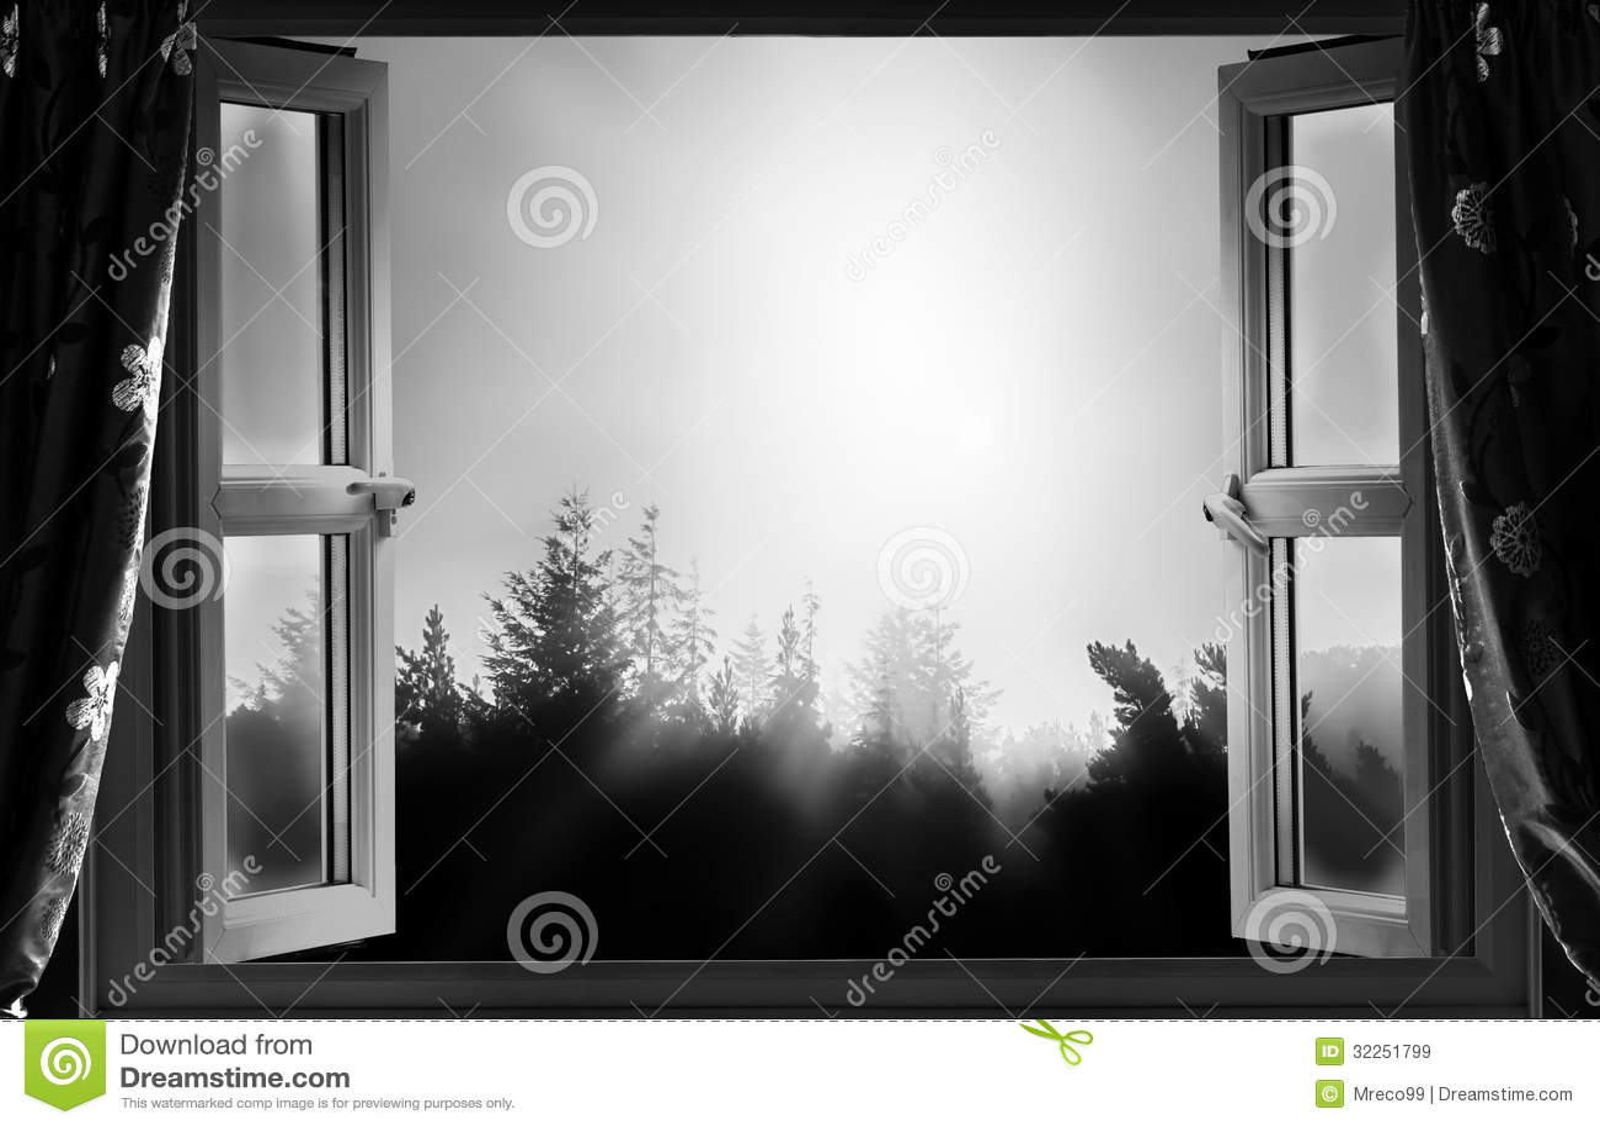 Offenes fenster nachts in schwarzweiss stockbild bild - Download er finestra ...